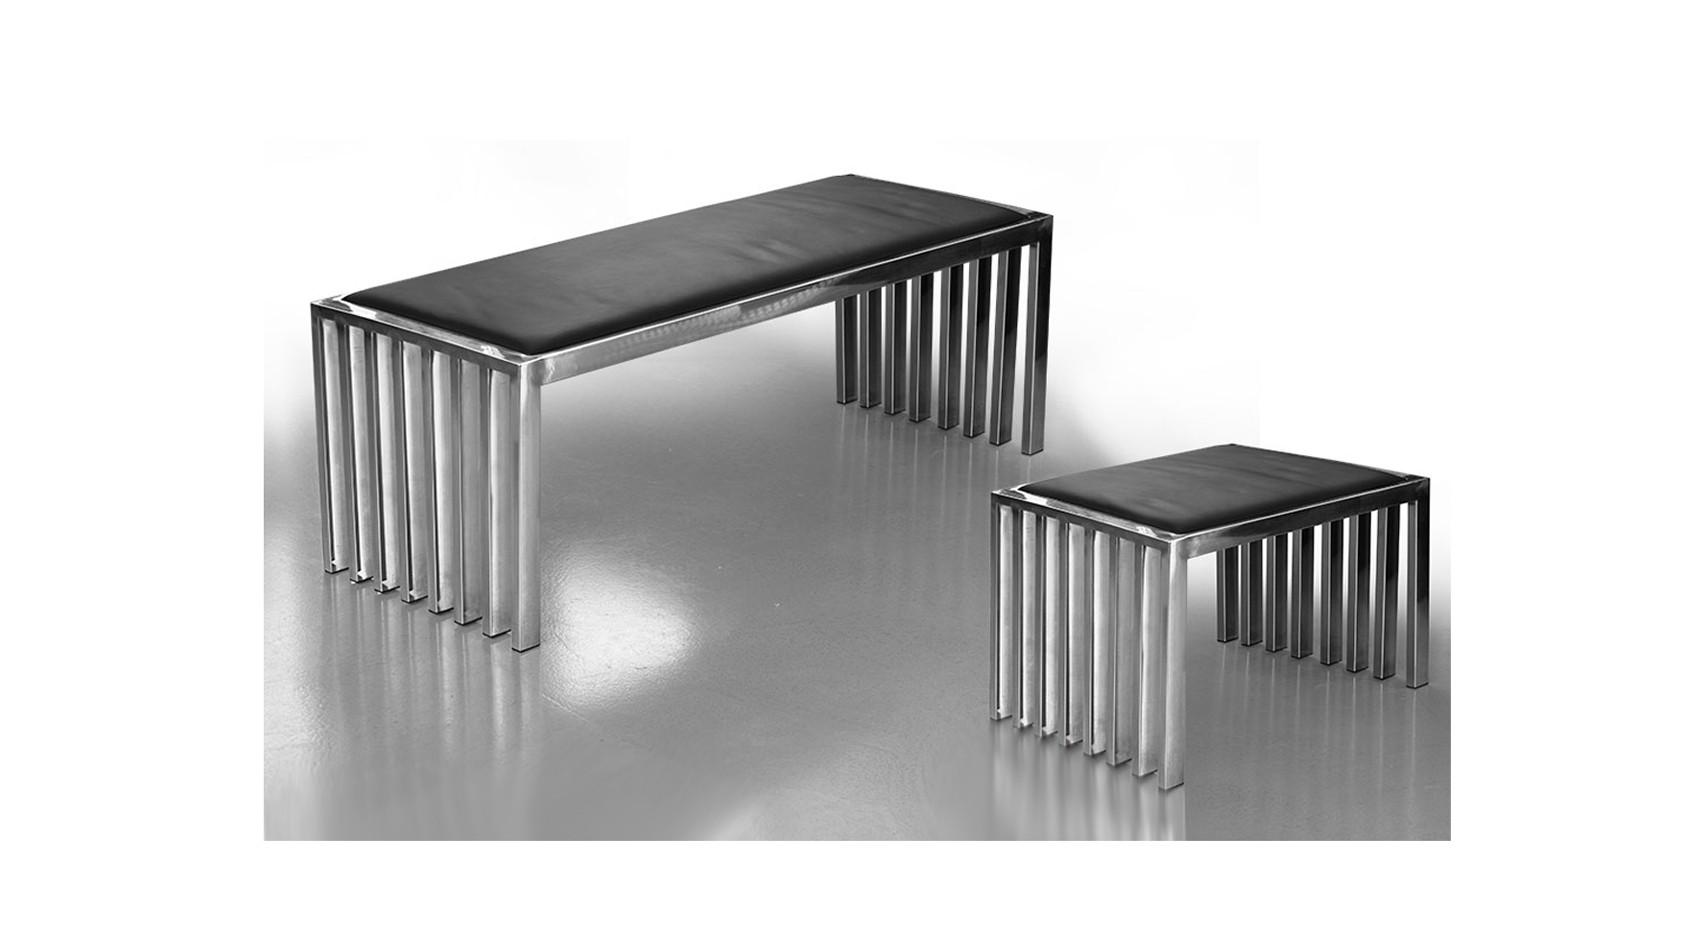 Bauhaus Edelstahl Sitzbank, Sitzfläche mit schwarzem Rindsleder, Bank aus Edelstahl.